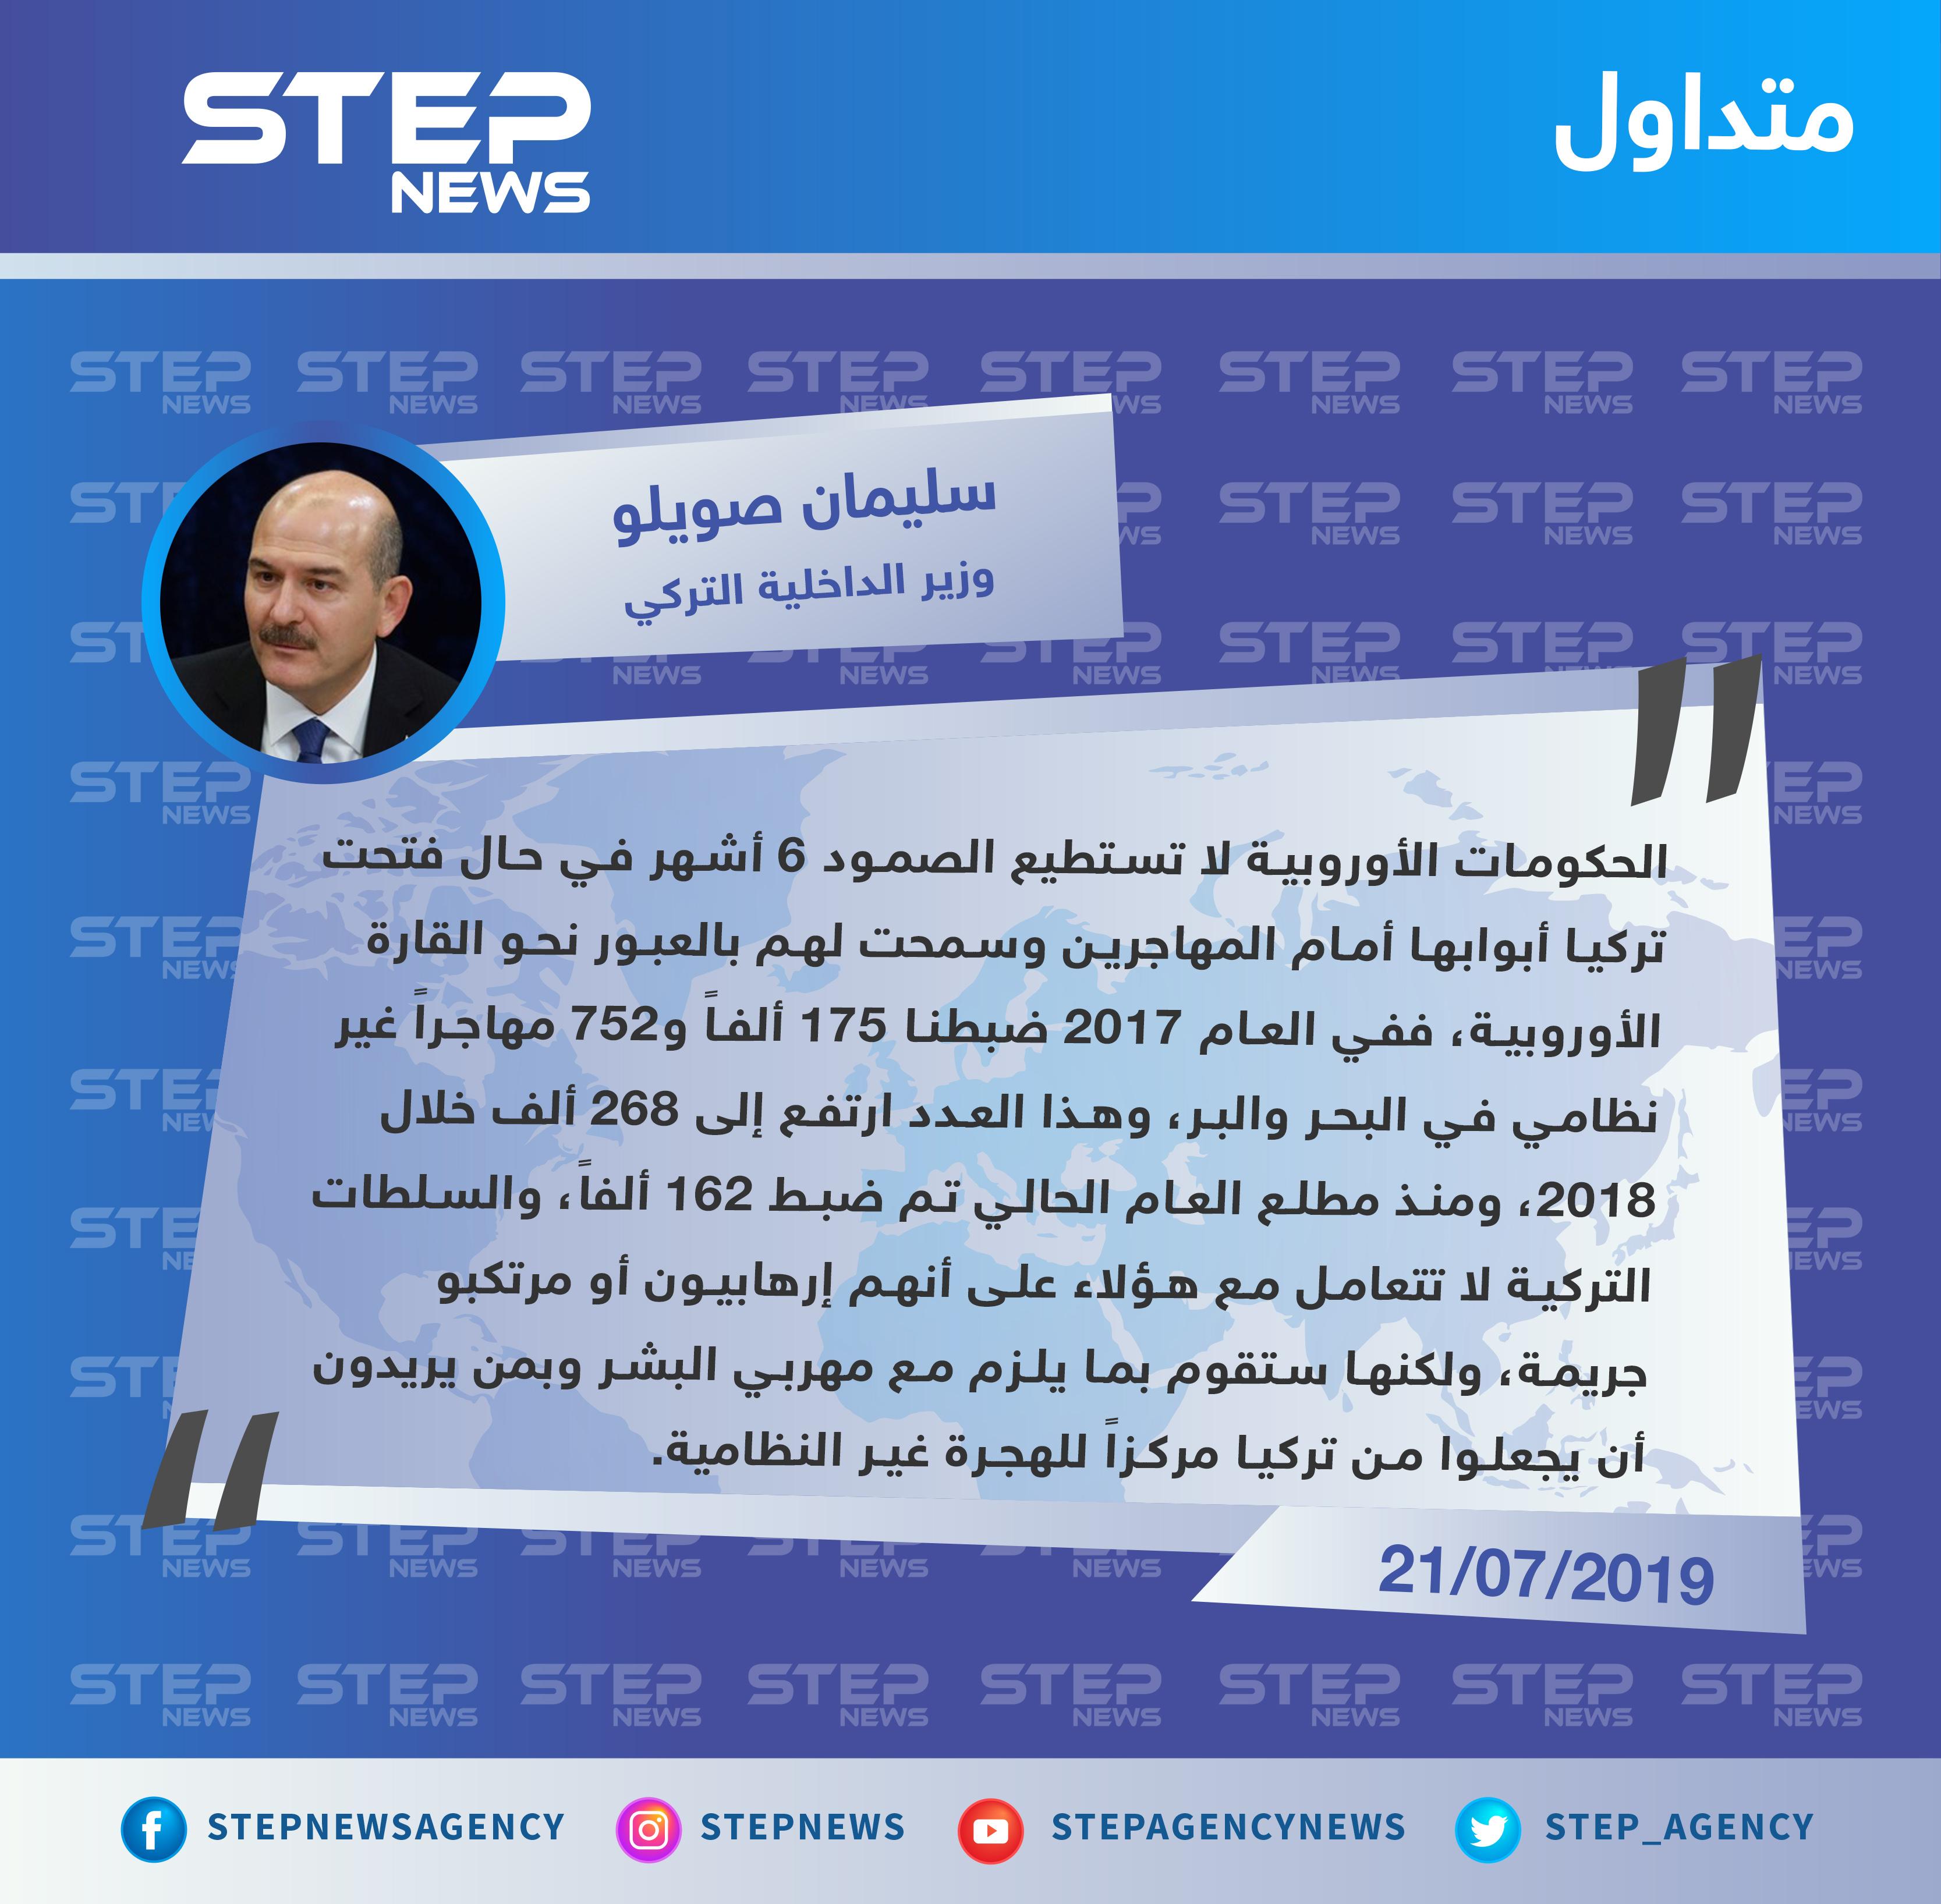 تصريح وزير الداخلية التركي